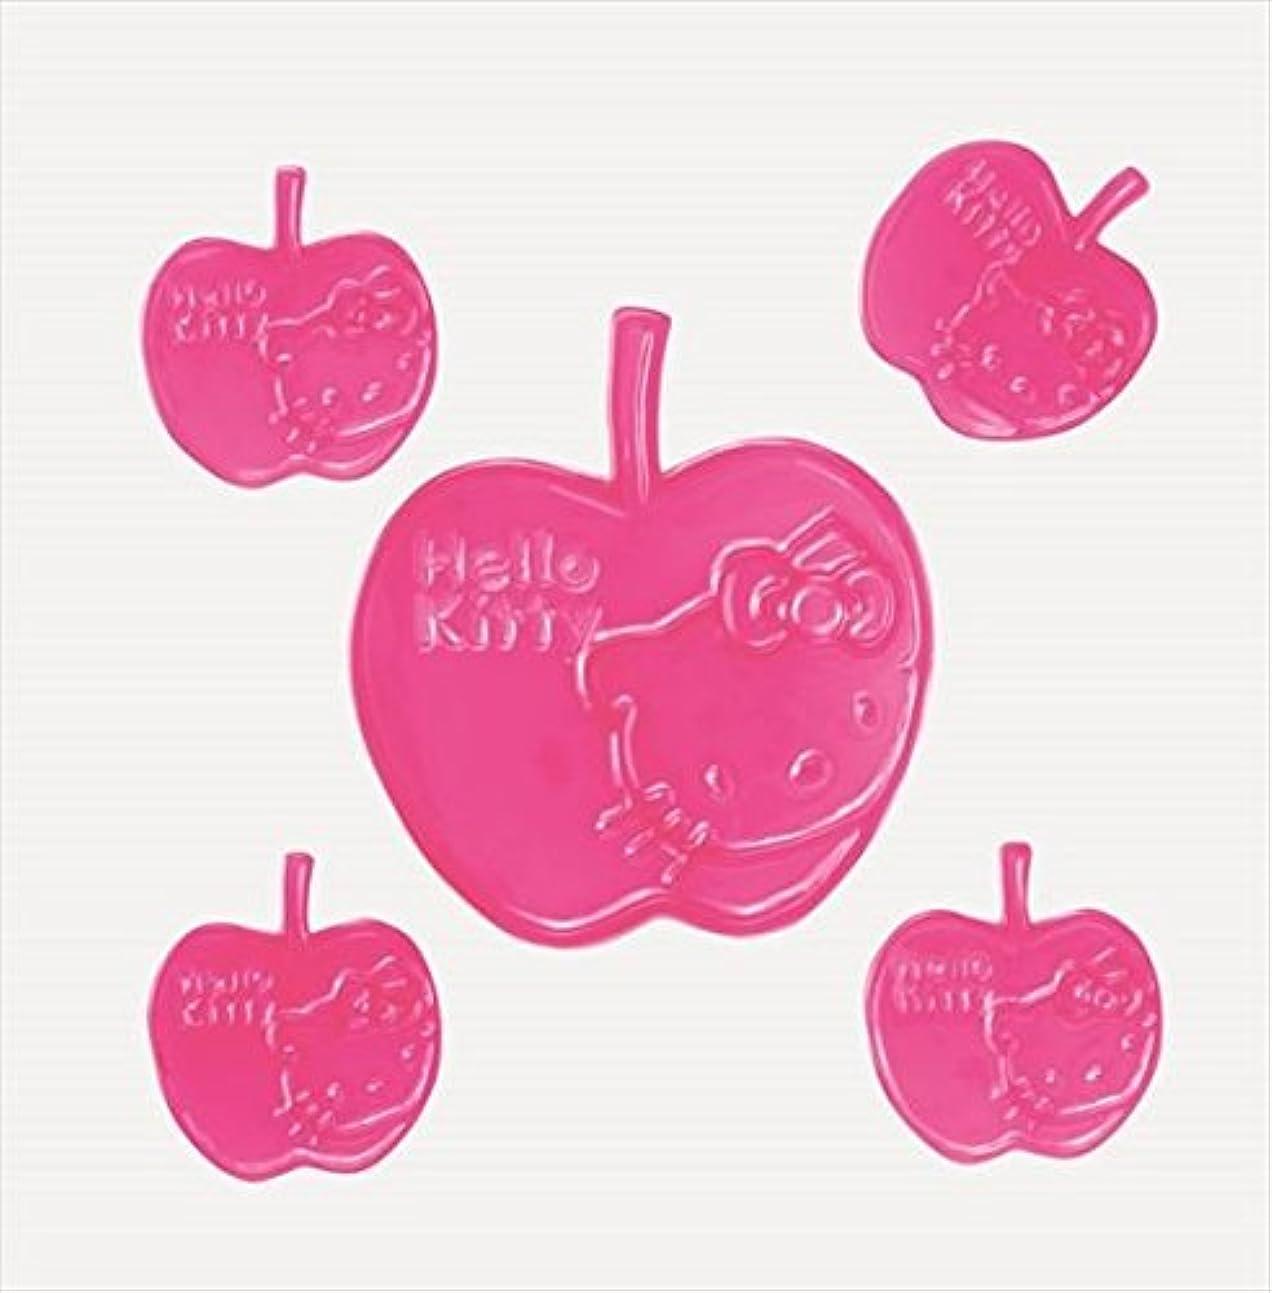 店員ポンドおとなしいGelGems(ジェルジェム) ジェルジェムハローキティバッグS 「 ピンクリンゴ 」 E1200002 キャンドル 200x255x5mm (E1200002)